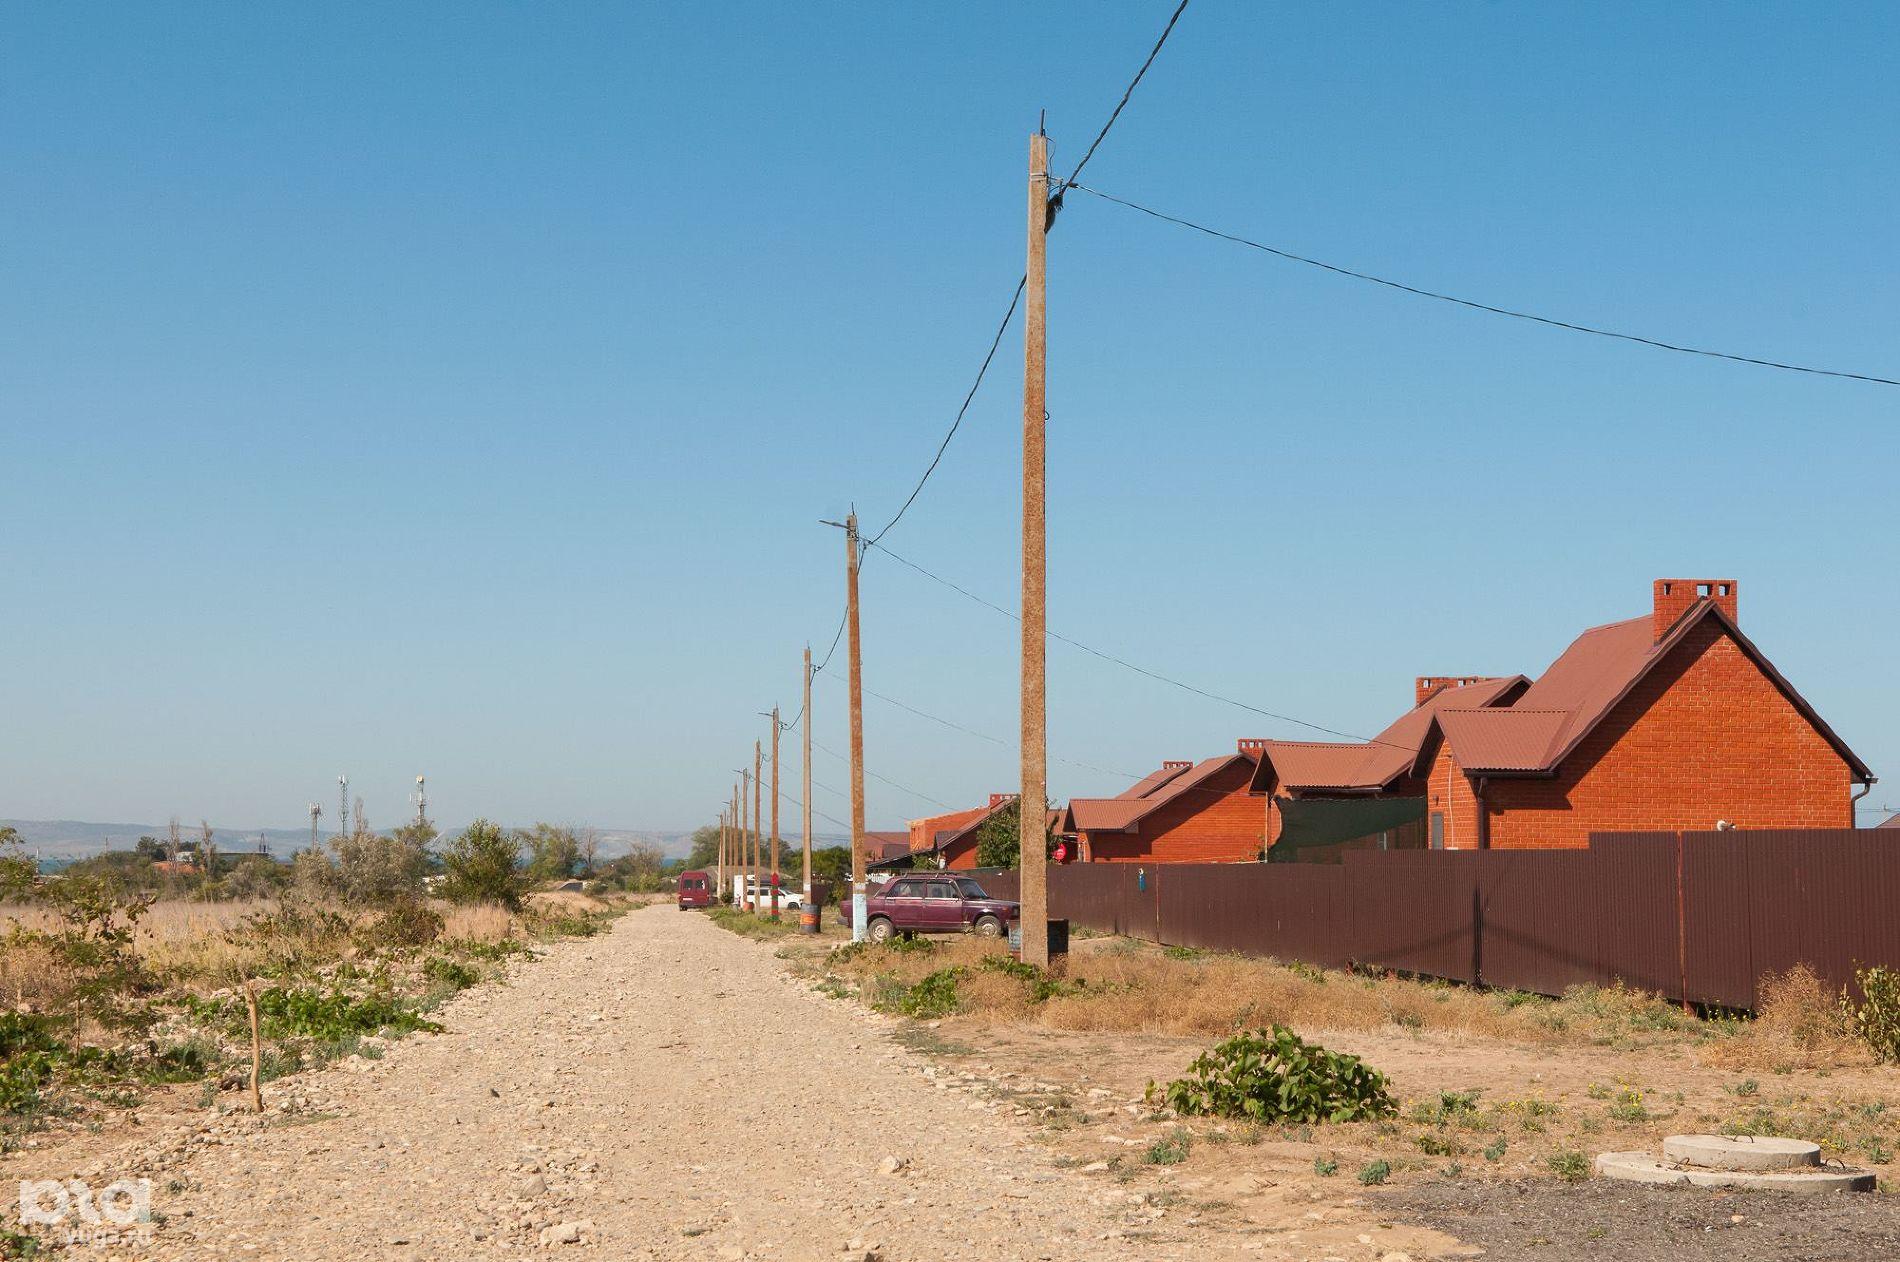 Улица с домами переселенцев в Ильиче ©Фото Елены Синеок, Юга.ру